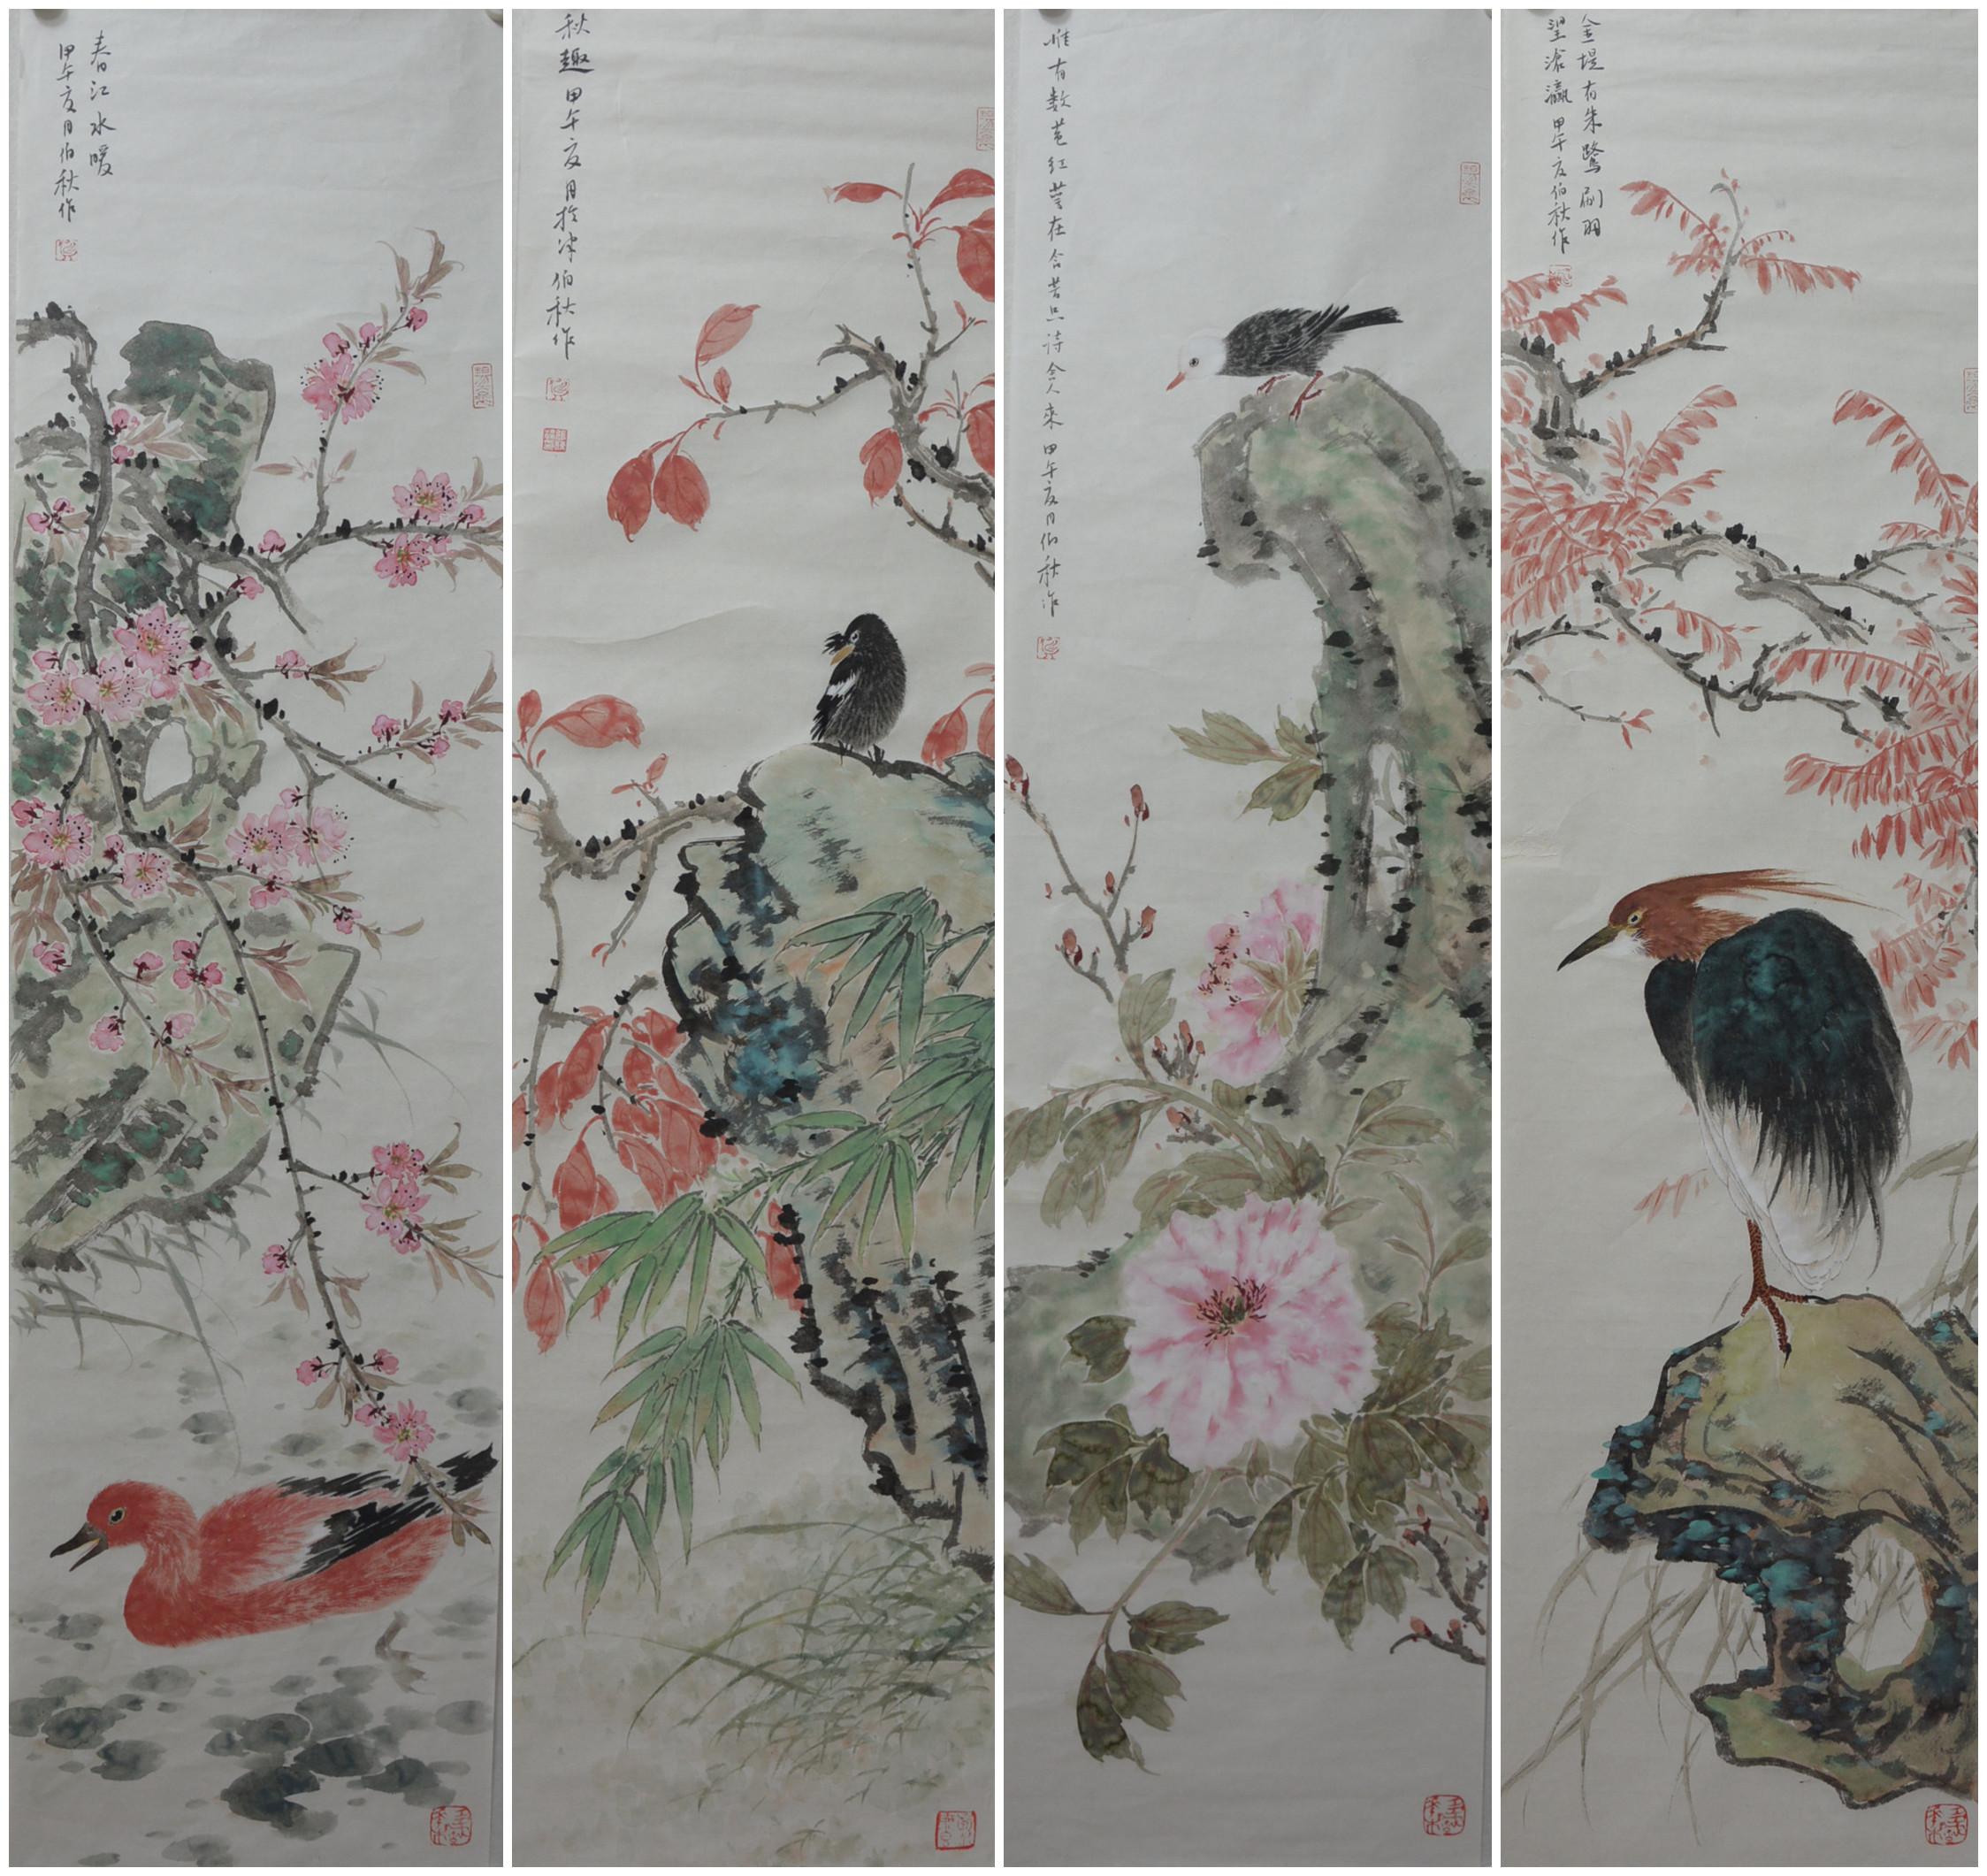 春夏秋冬 春_纸本水墨_国画_宝甄网